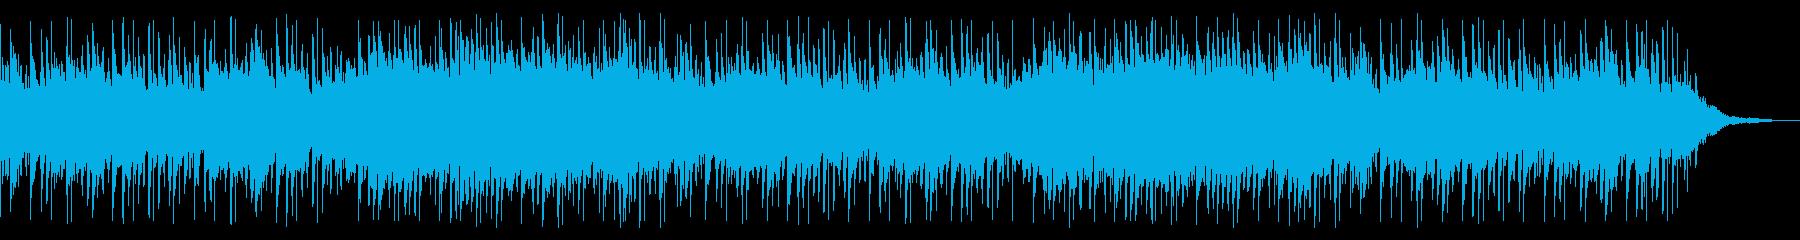 ピアノと切ない感じの爽やかなポップスの再生済みの波形